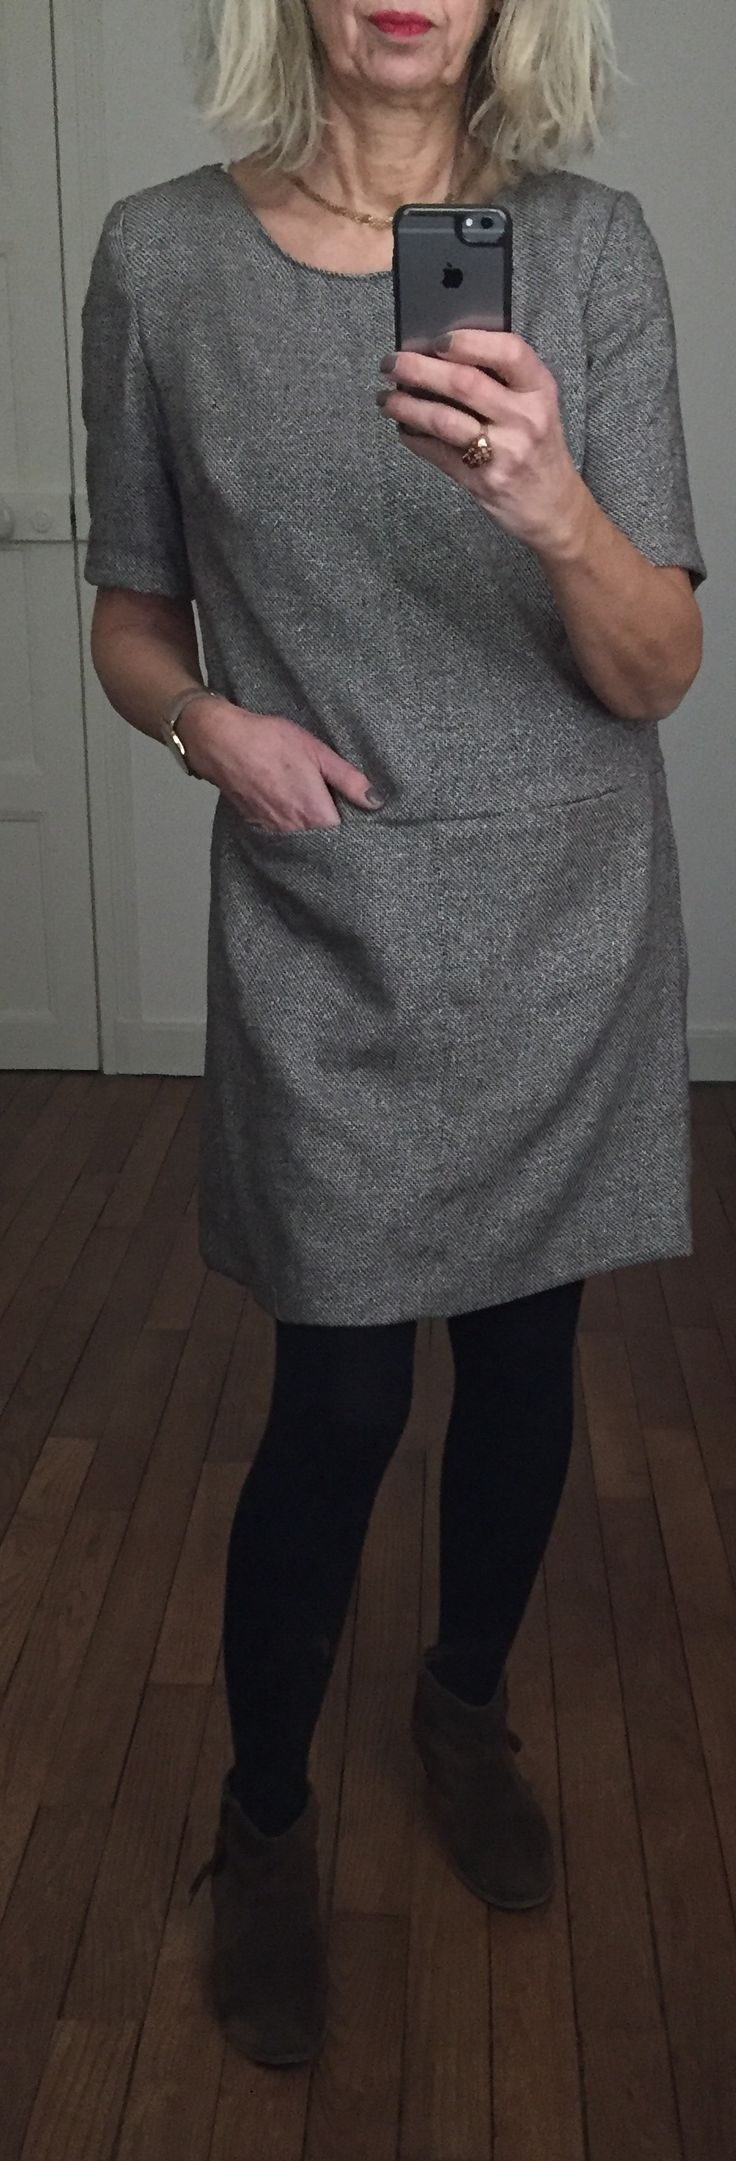 Robe Grace de la Maison Victor revue hiver 2014, lainage légèrement irisé